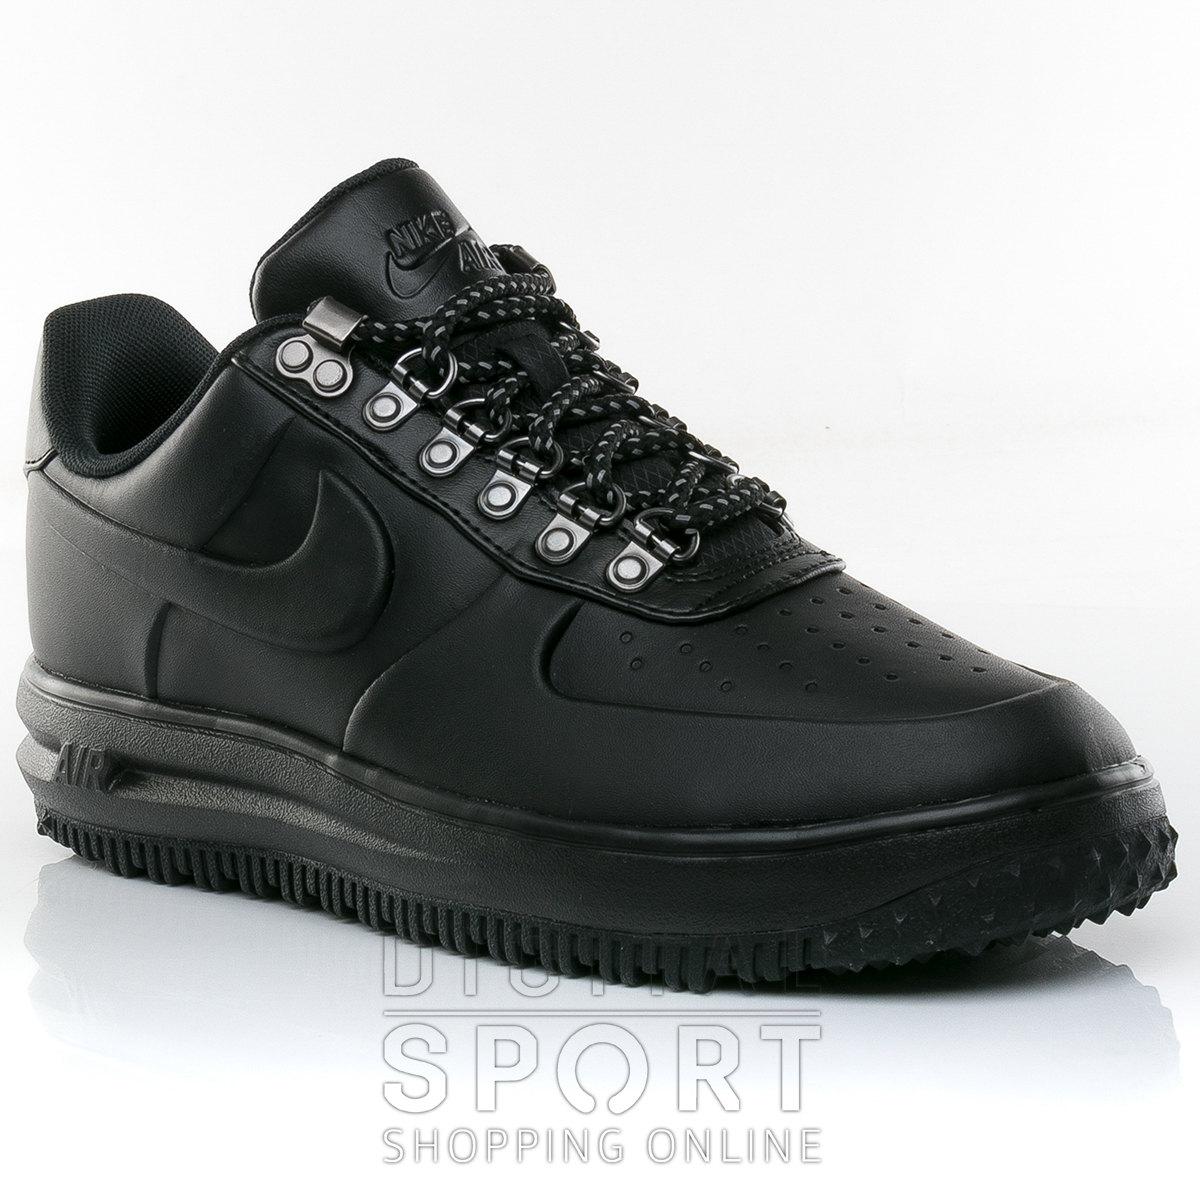 Zapatillas Lf1 Duckboot Low En Zapatillas Nike Para Hombre